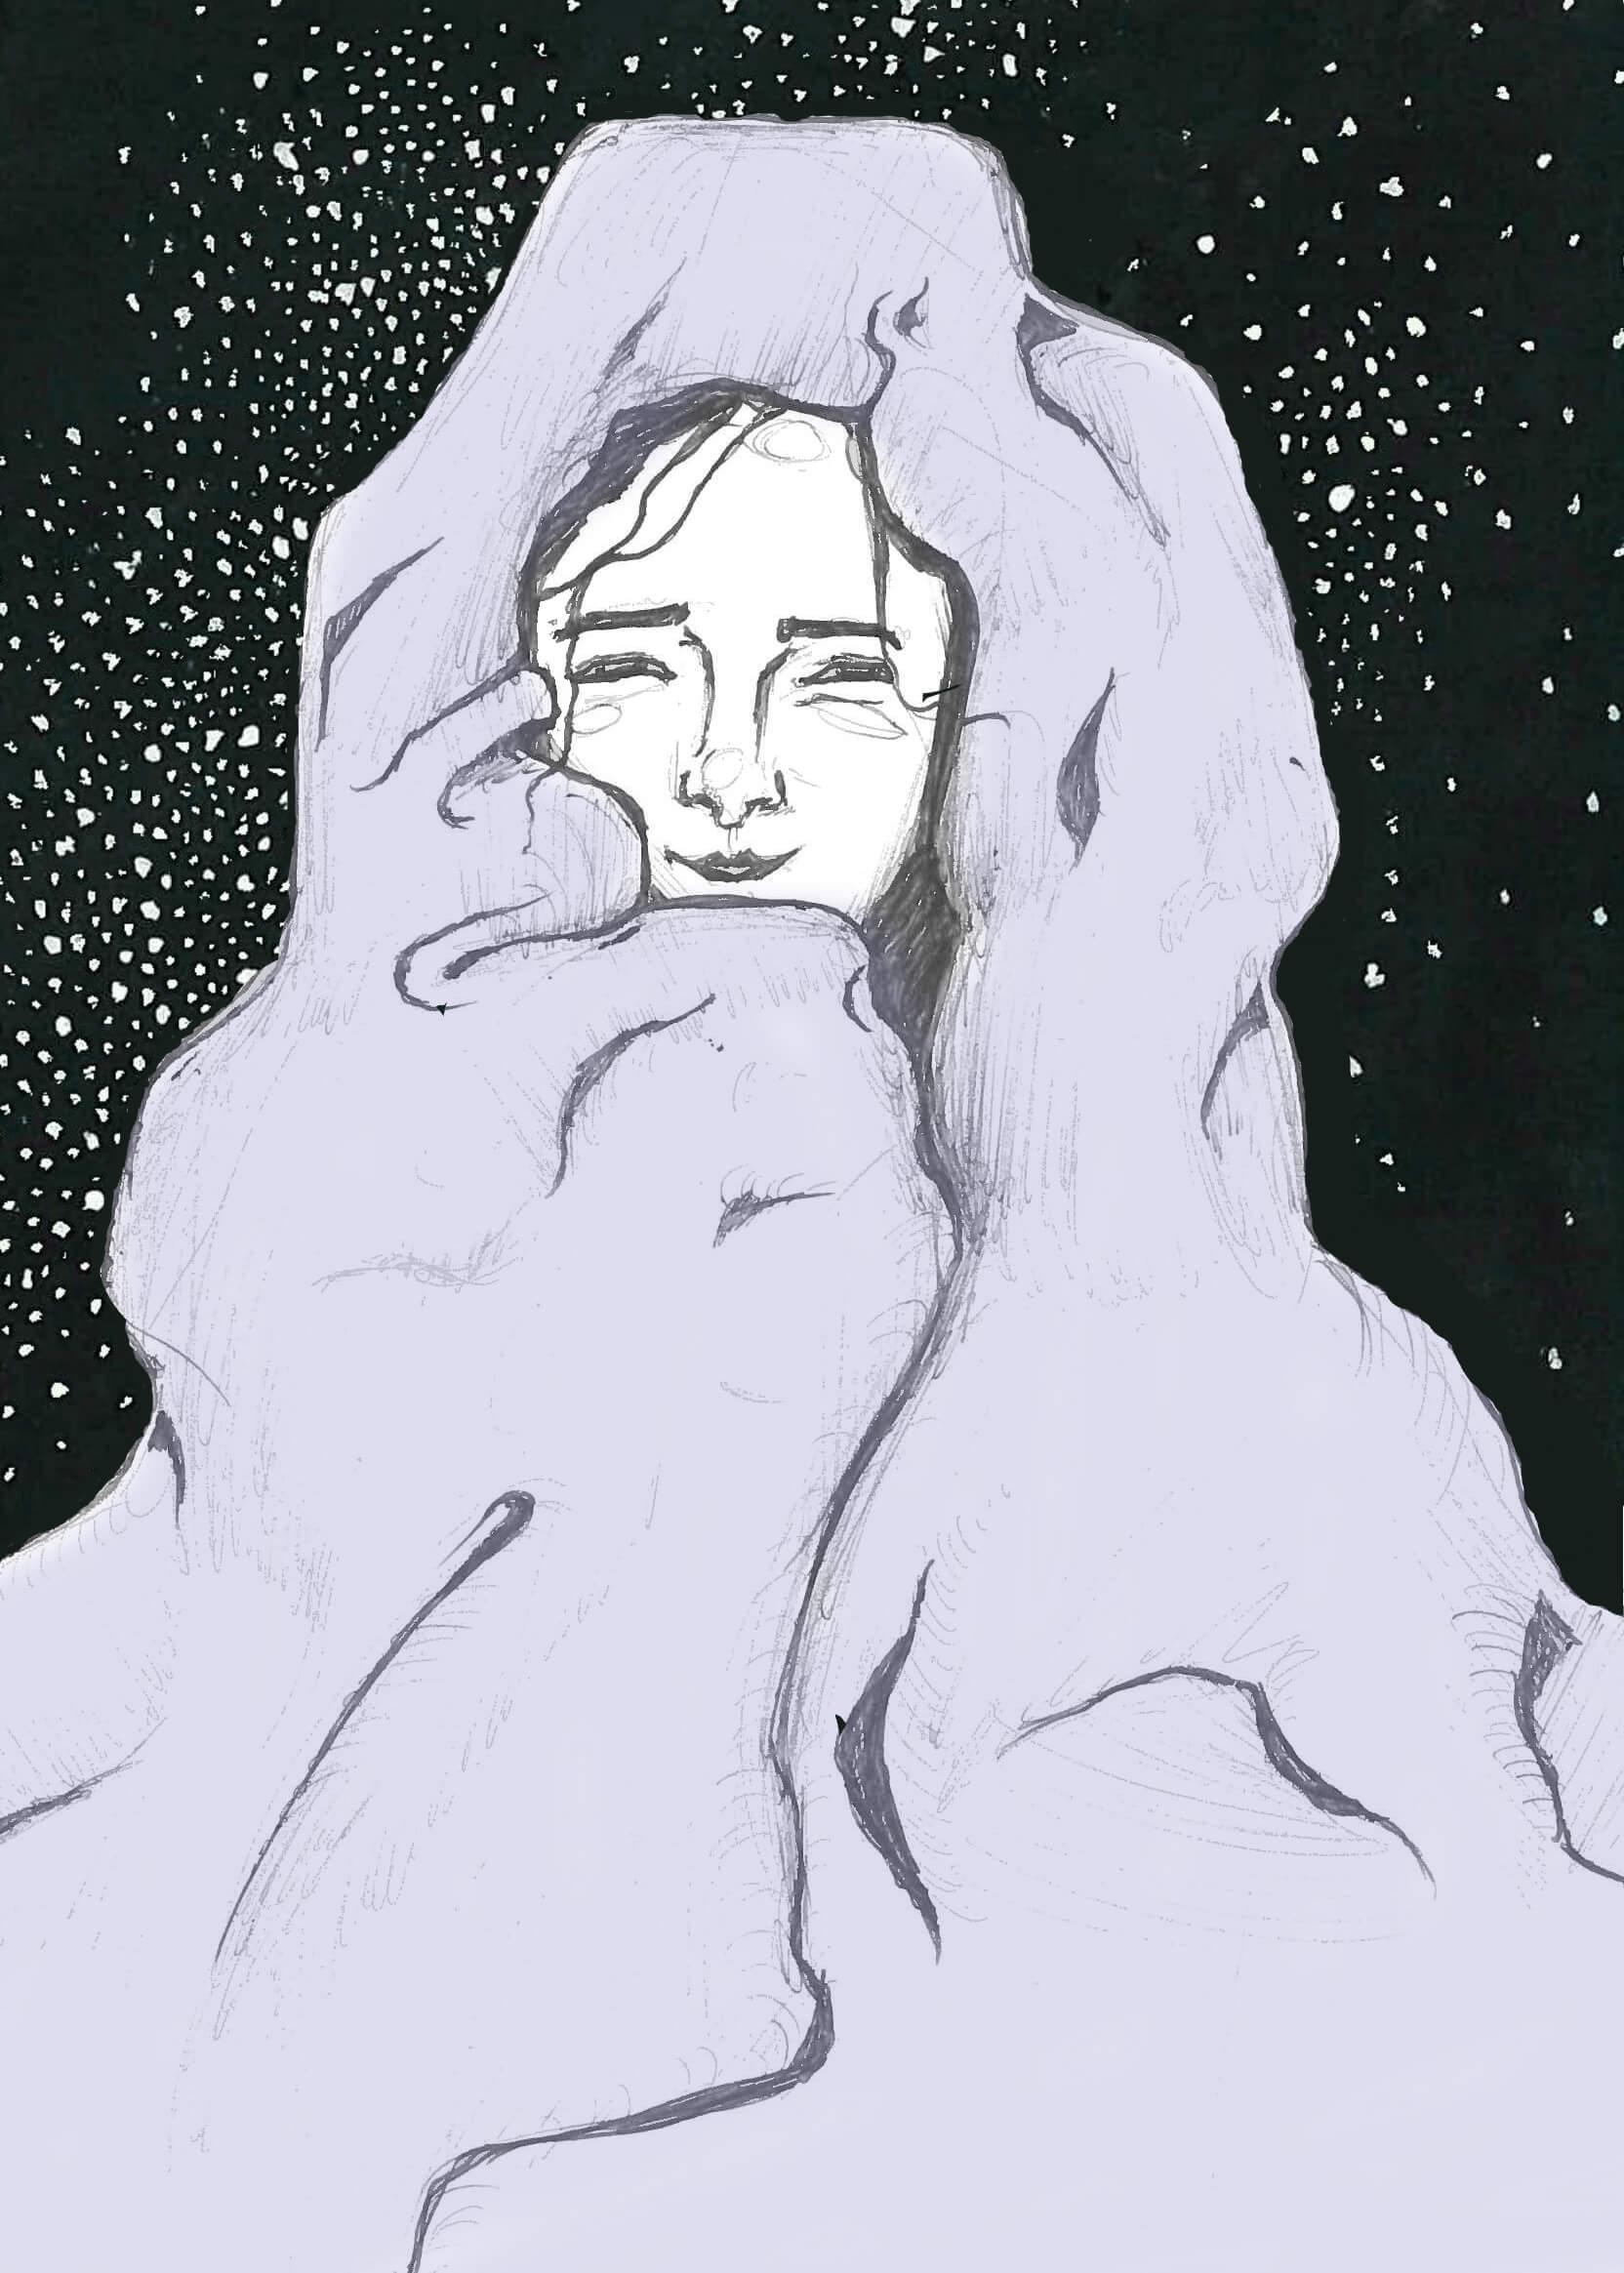 Comfy 'n' cozy. —Ella